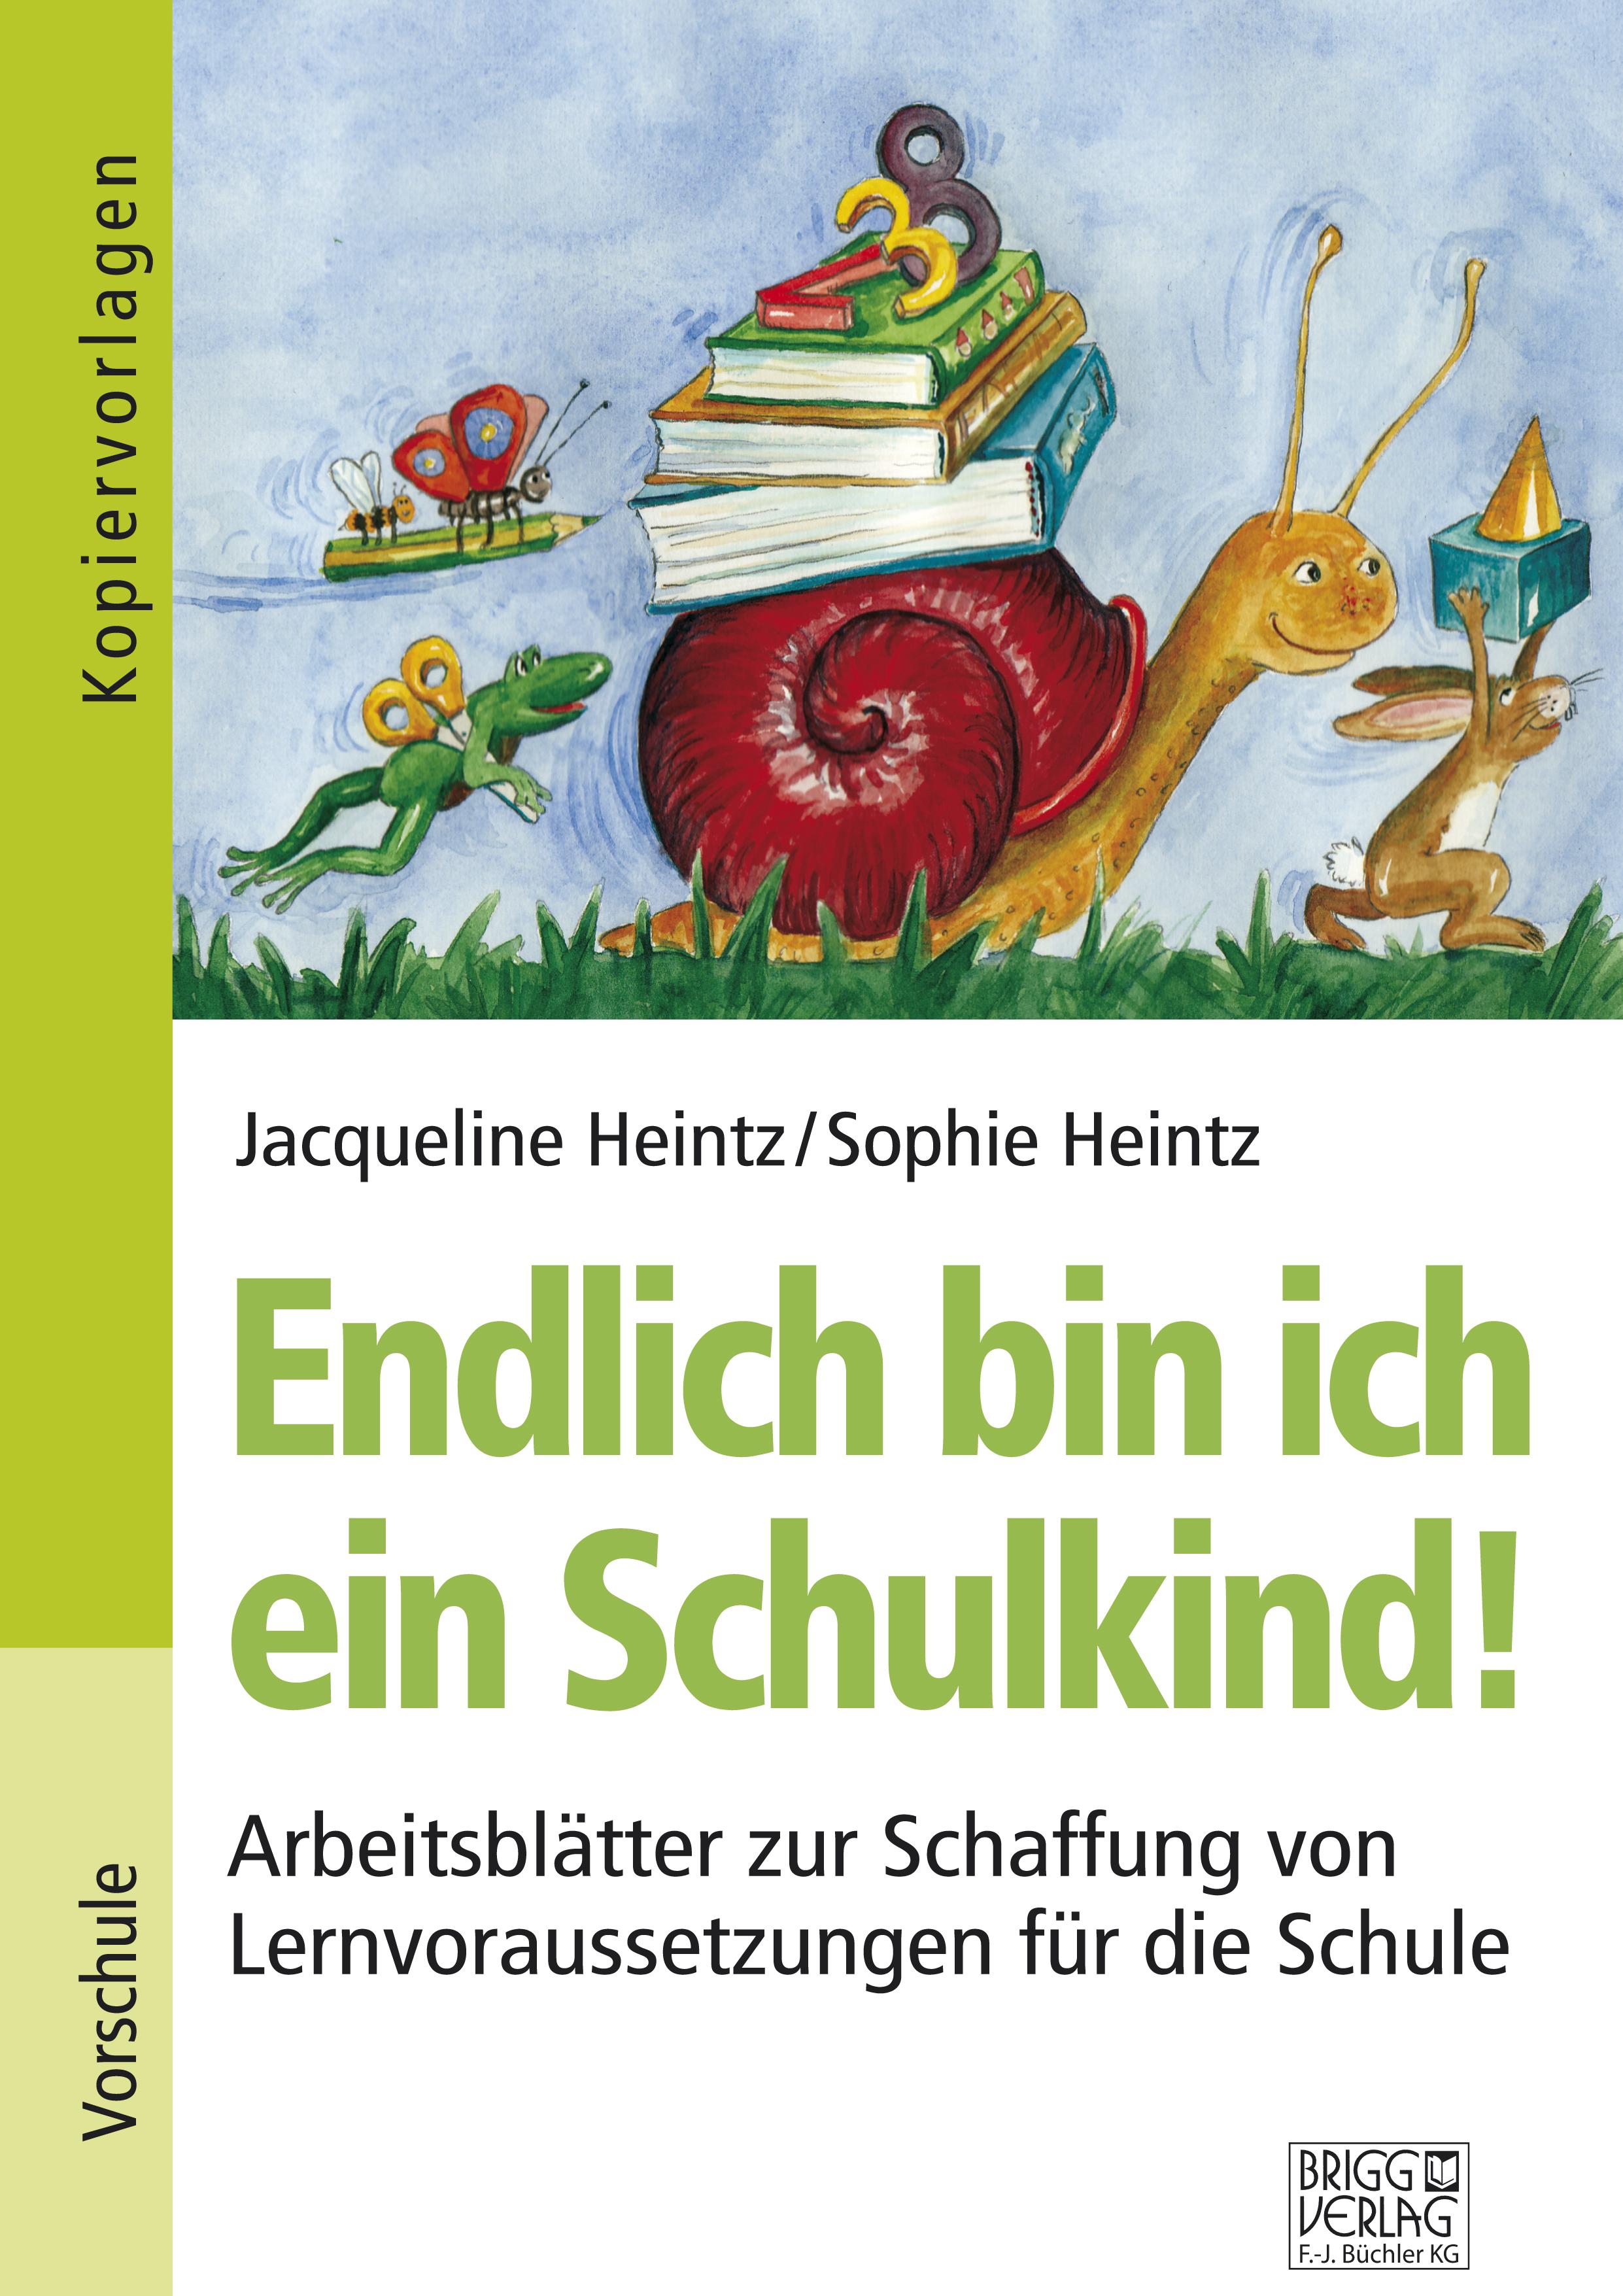 Endlich bin ich ein Schulkind! von Heintz, Jacqueline, Heintz, Sophie: